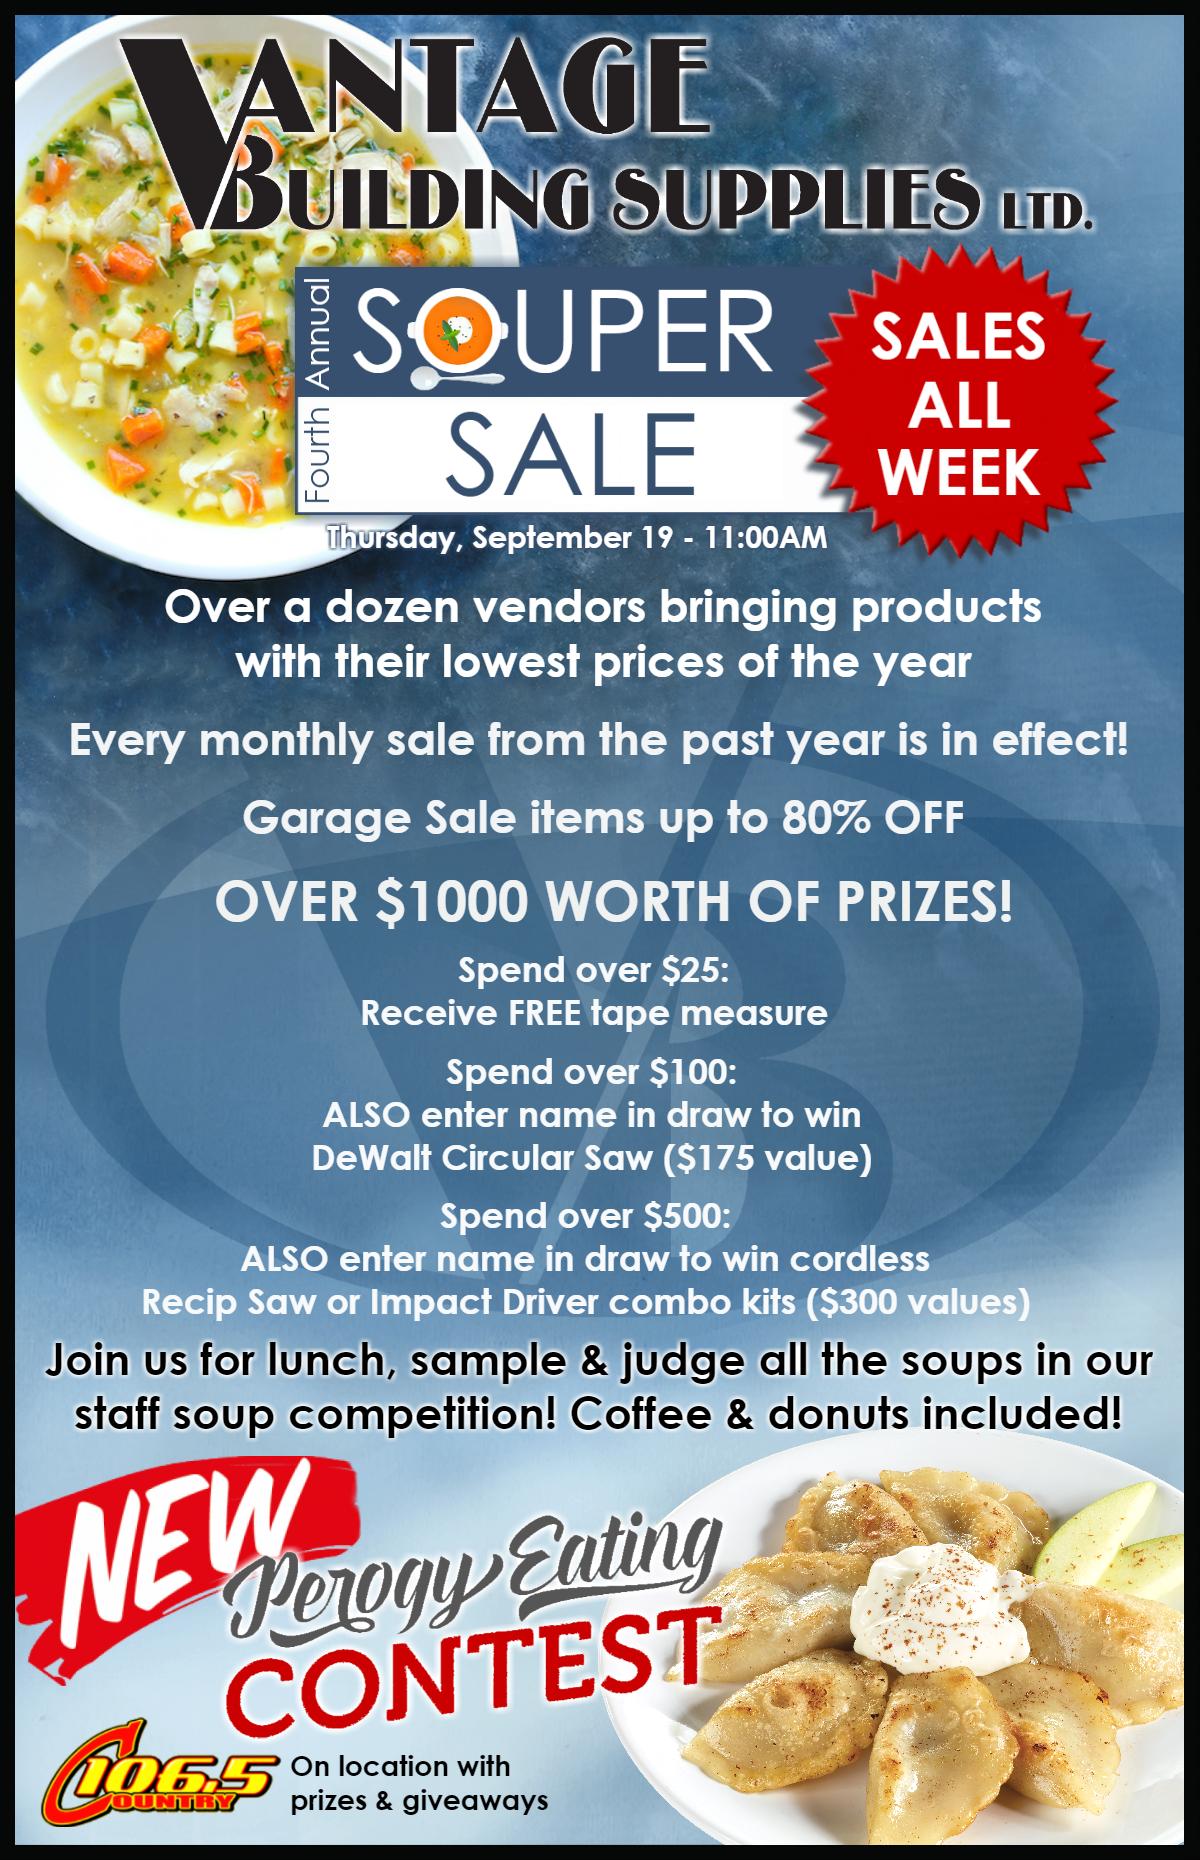 Vantage Building Supplies Soup-er Sale